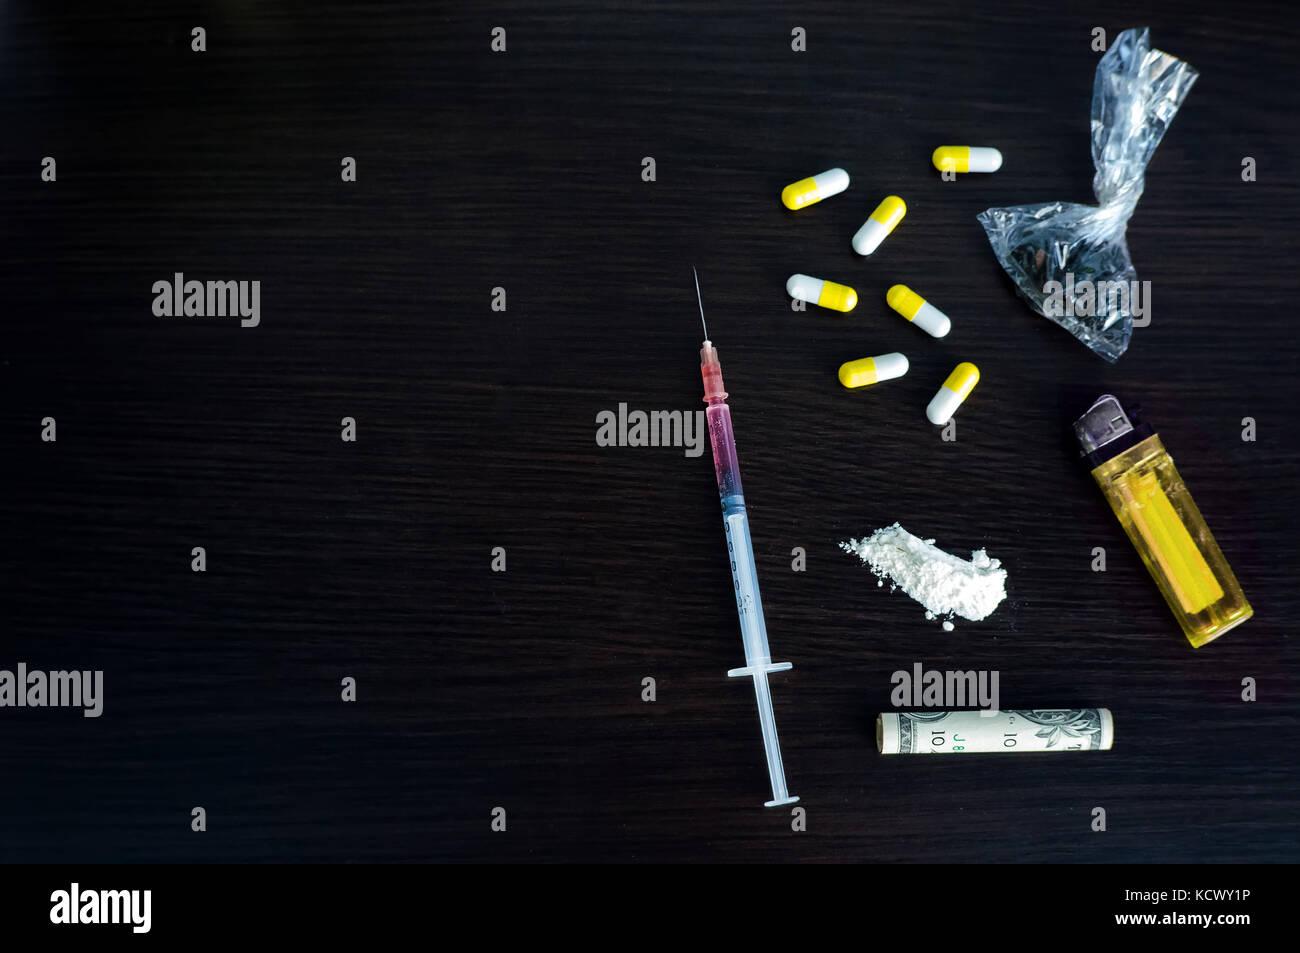 hard drugs and soft drugs Softdrugs softdrugs zijn drugs die je een ontspannen, prettig gevoel kunnen geven ze veroorzaken geen lichamelijk afhankelijkheid en meestal geen geestelijke afhankelijkheid.